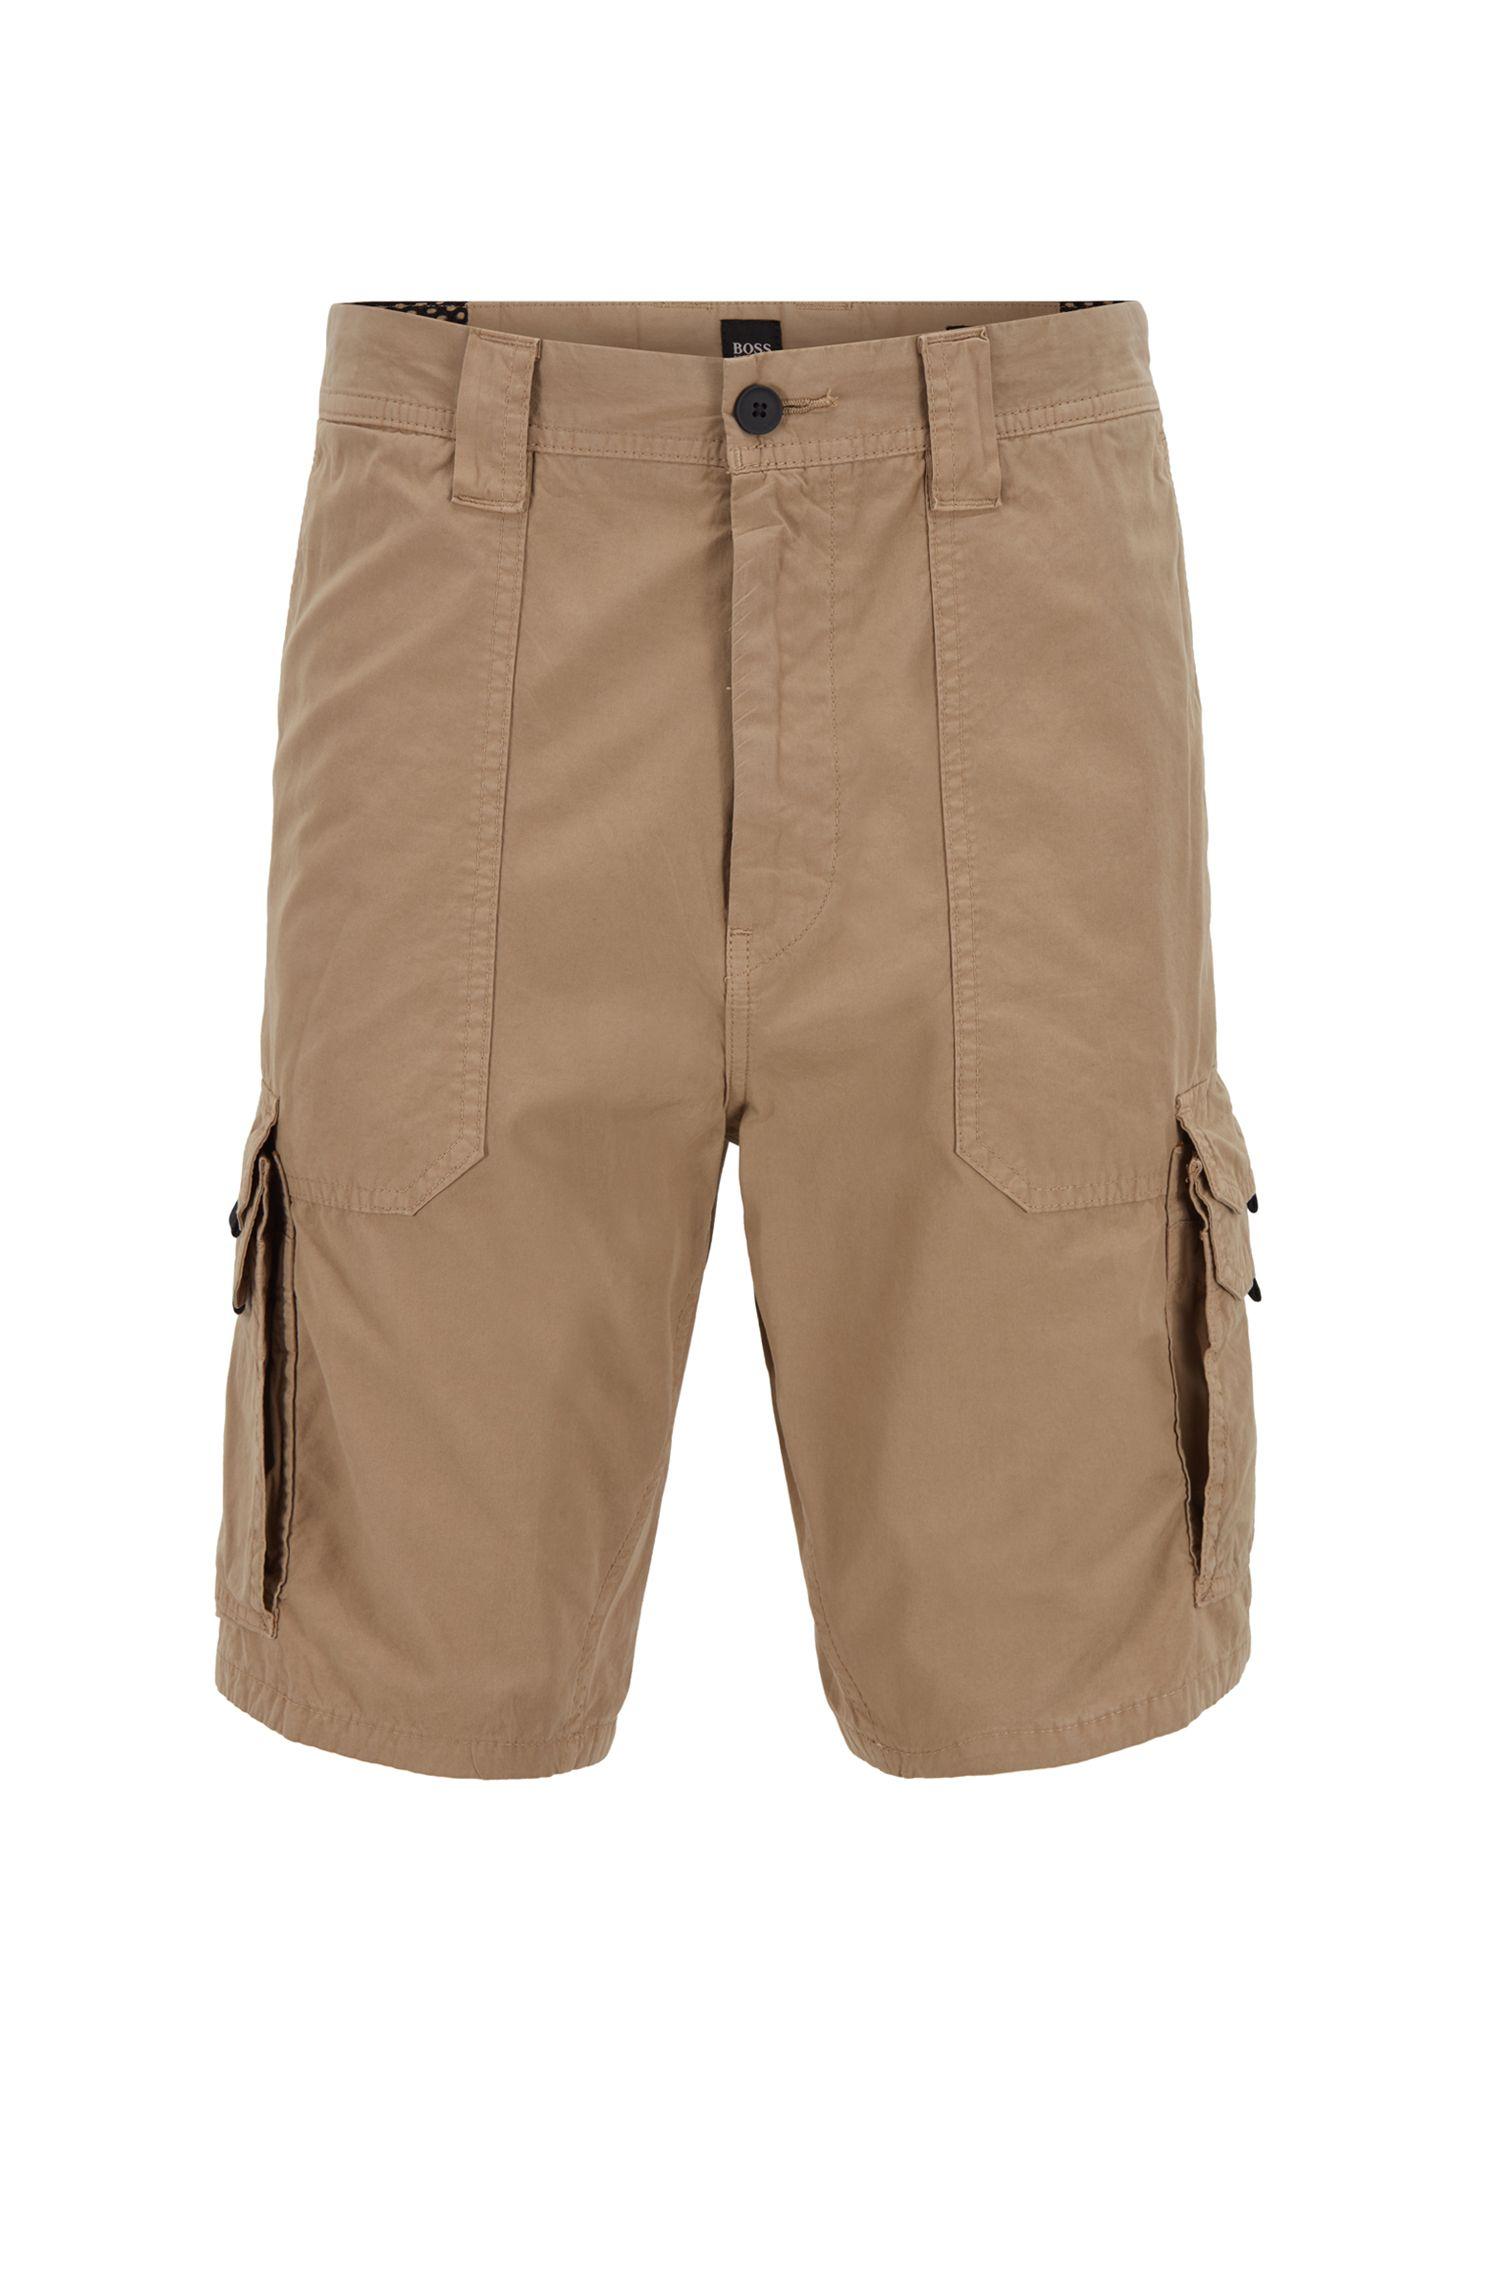 Shorts tapered fit en popelín de algodón con bolsillos dobles, Beige